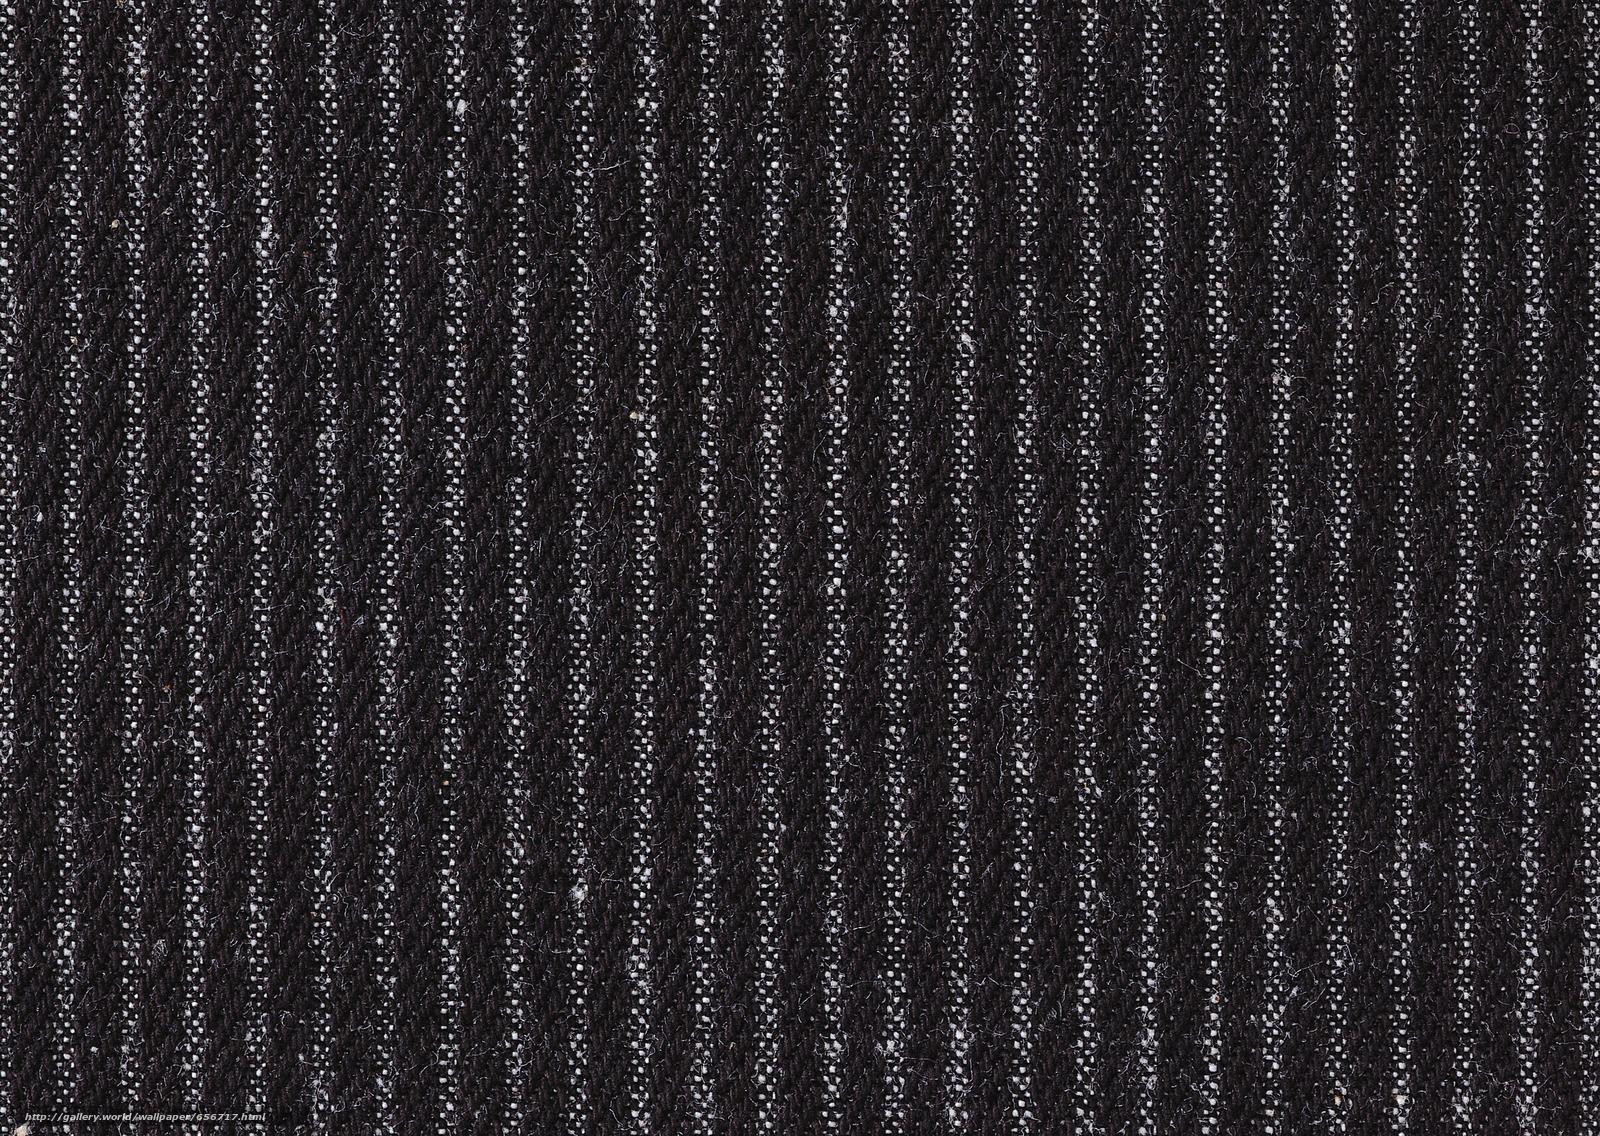 Скачать обои текстура,  текстуры,  фон,  фоны бесплатно для рабочего стола в разрешении 2950x2094 — картинка №656717